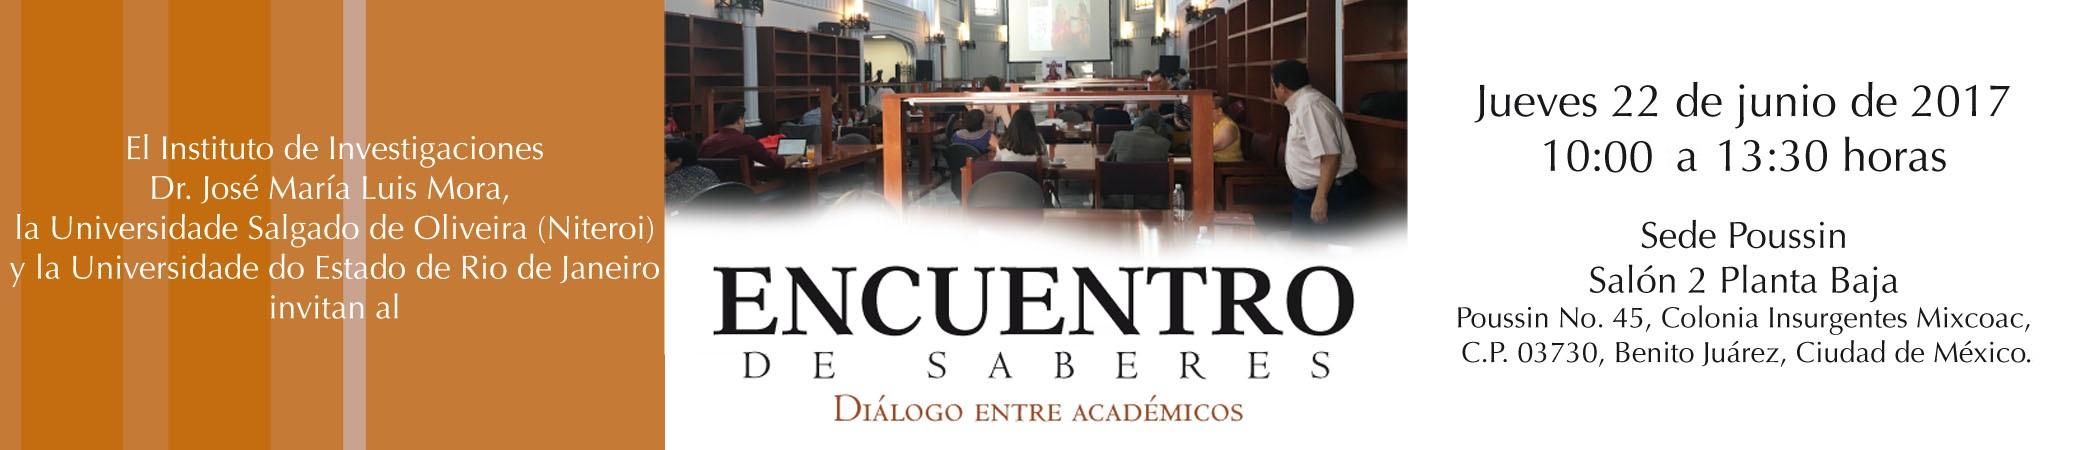 Encuentro de saberes: Diálogo entre académicos